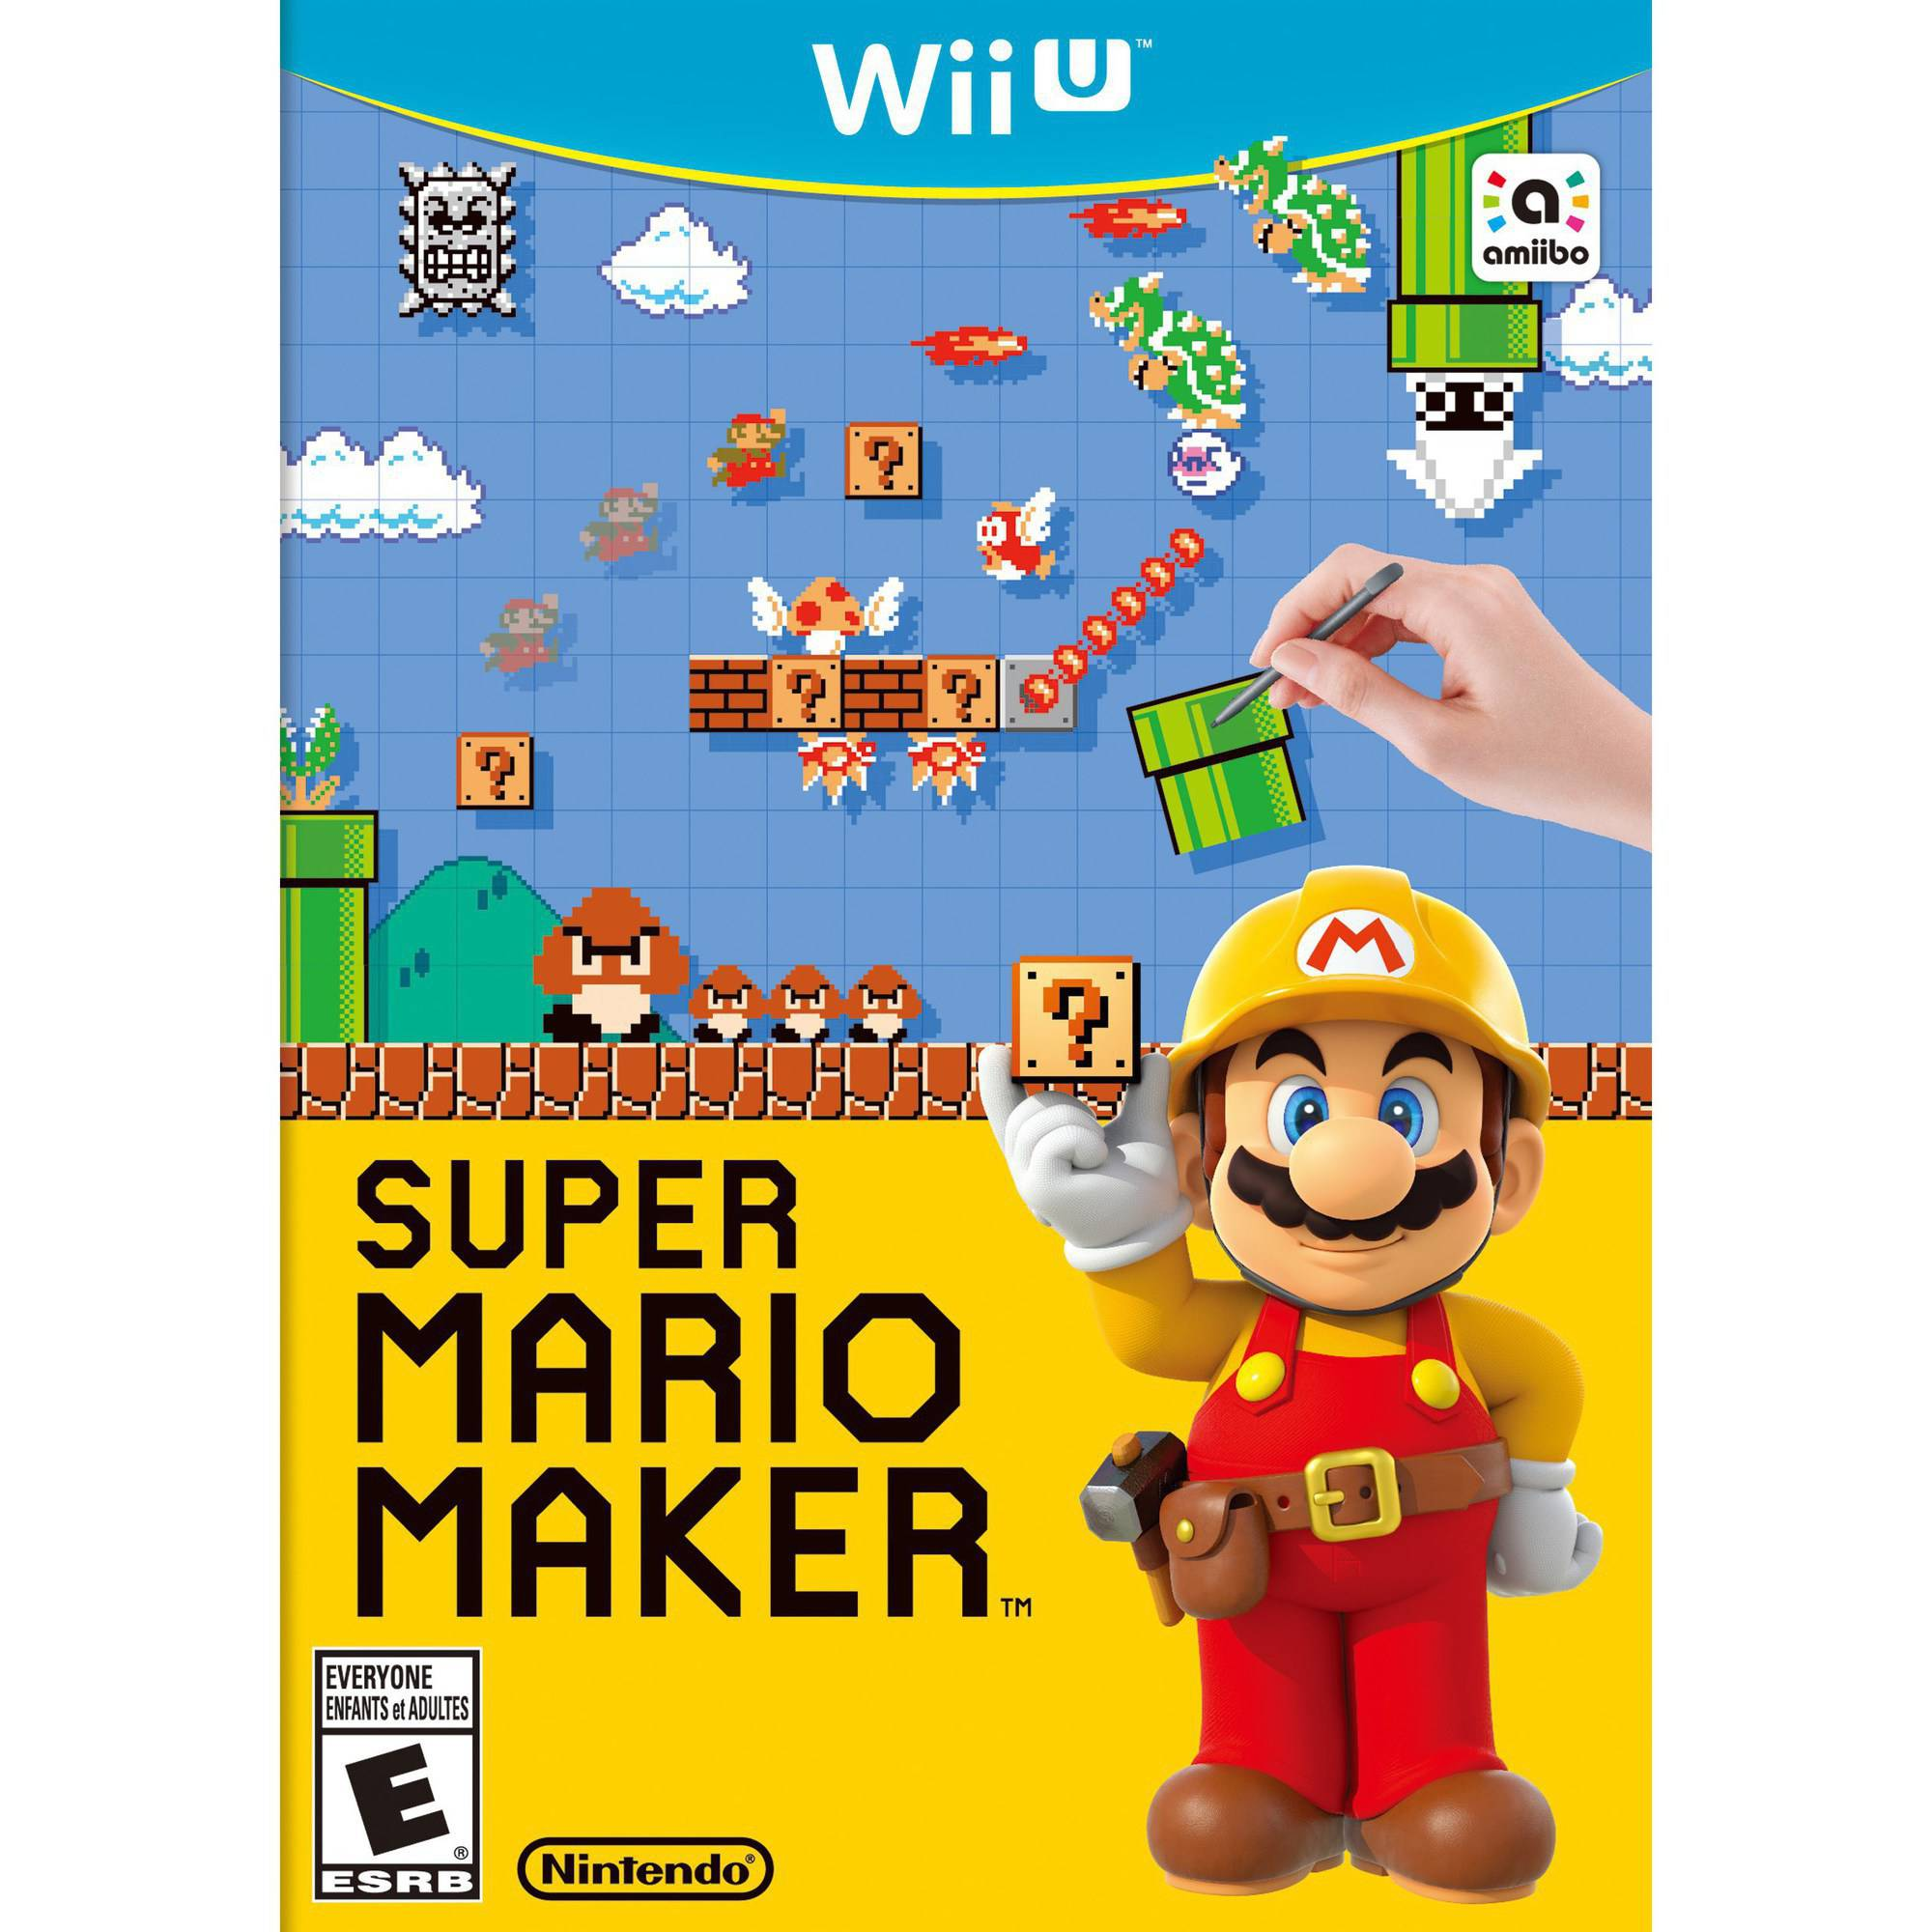 Super Mario Maker (Wii U) - Pre-Owned